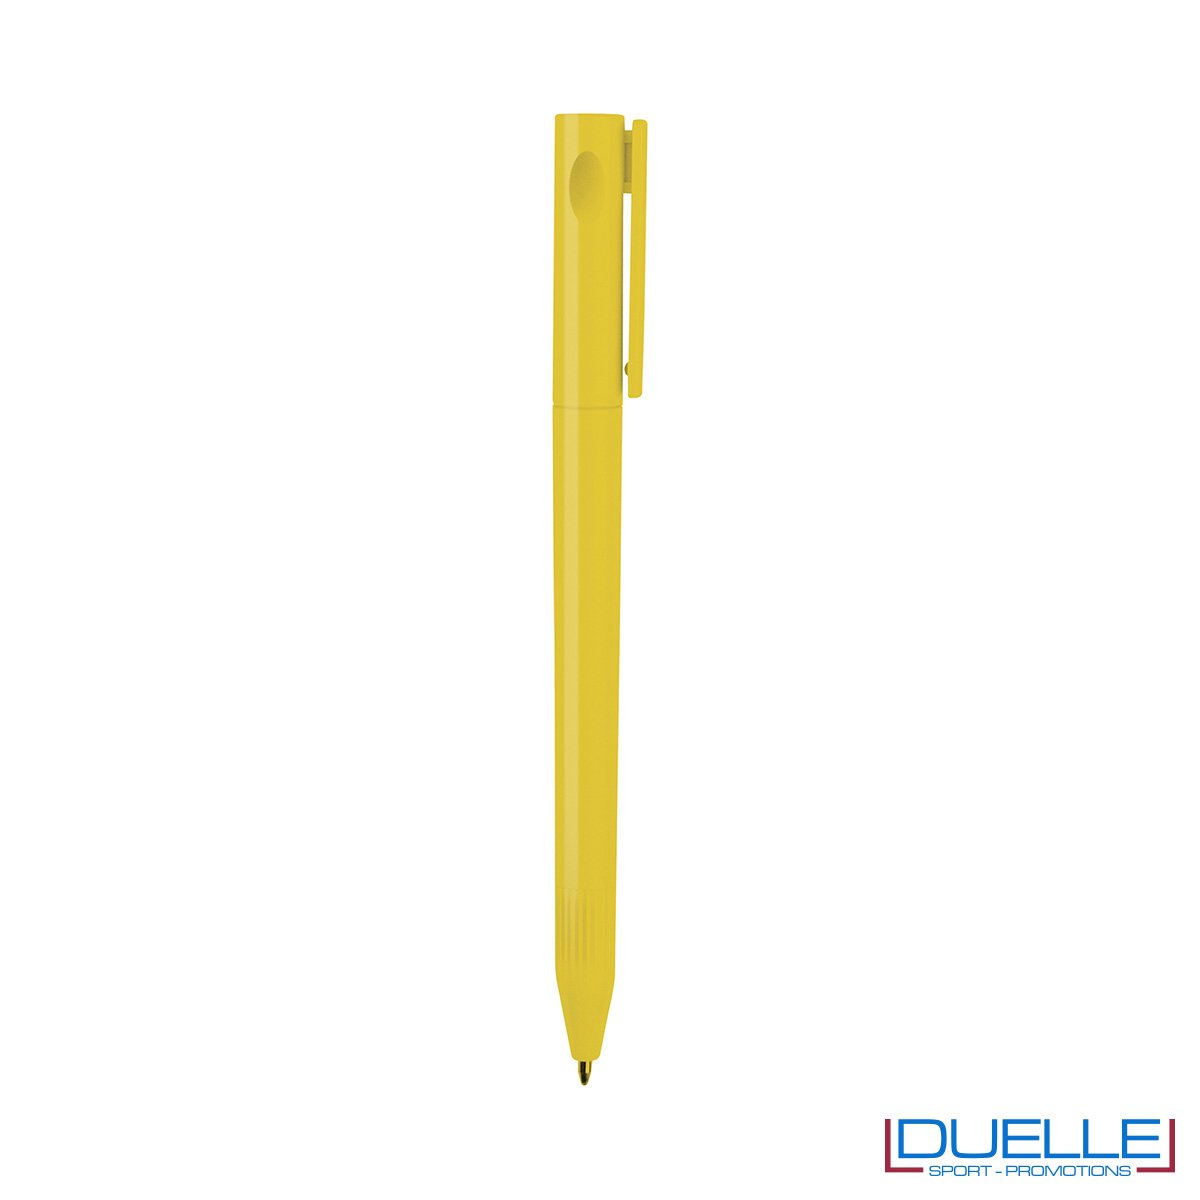 Penna Economica Personalizzata chiusura rotazione colore giallo